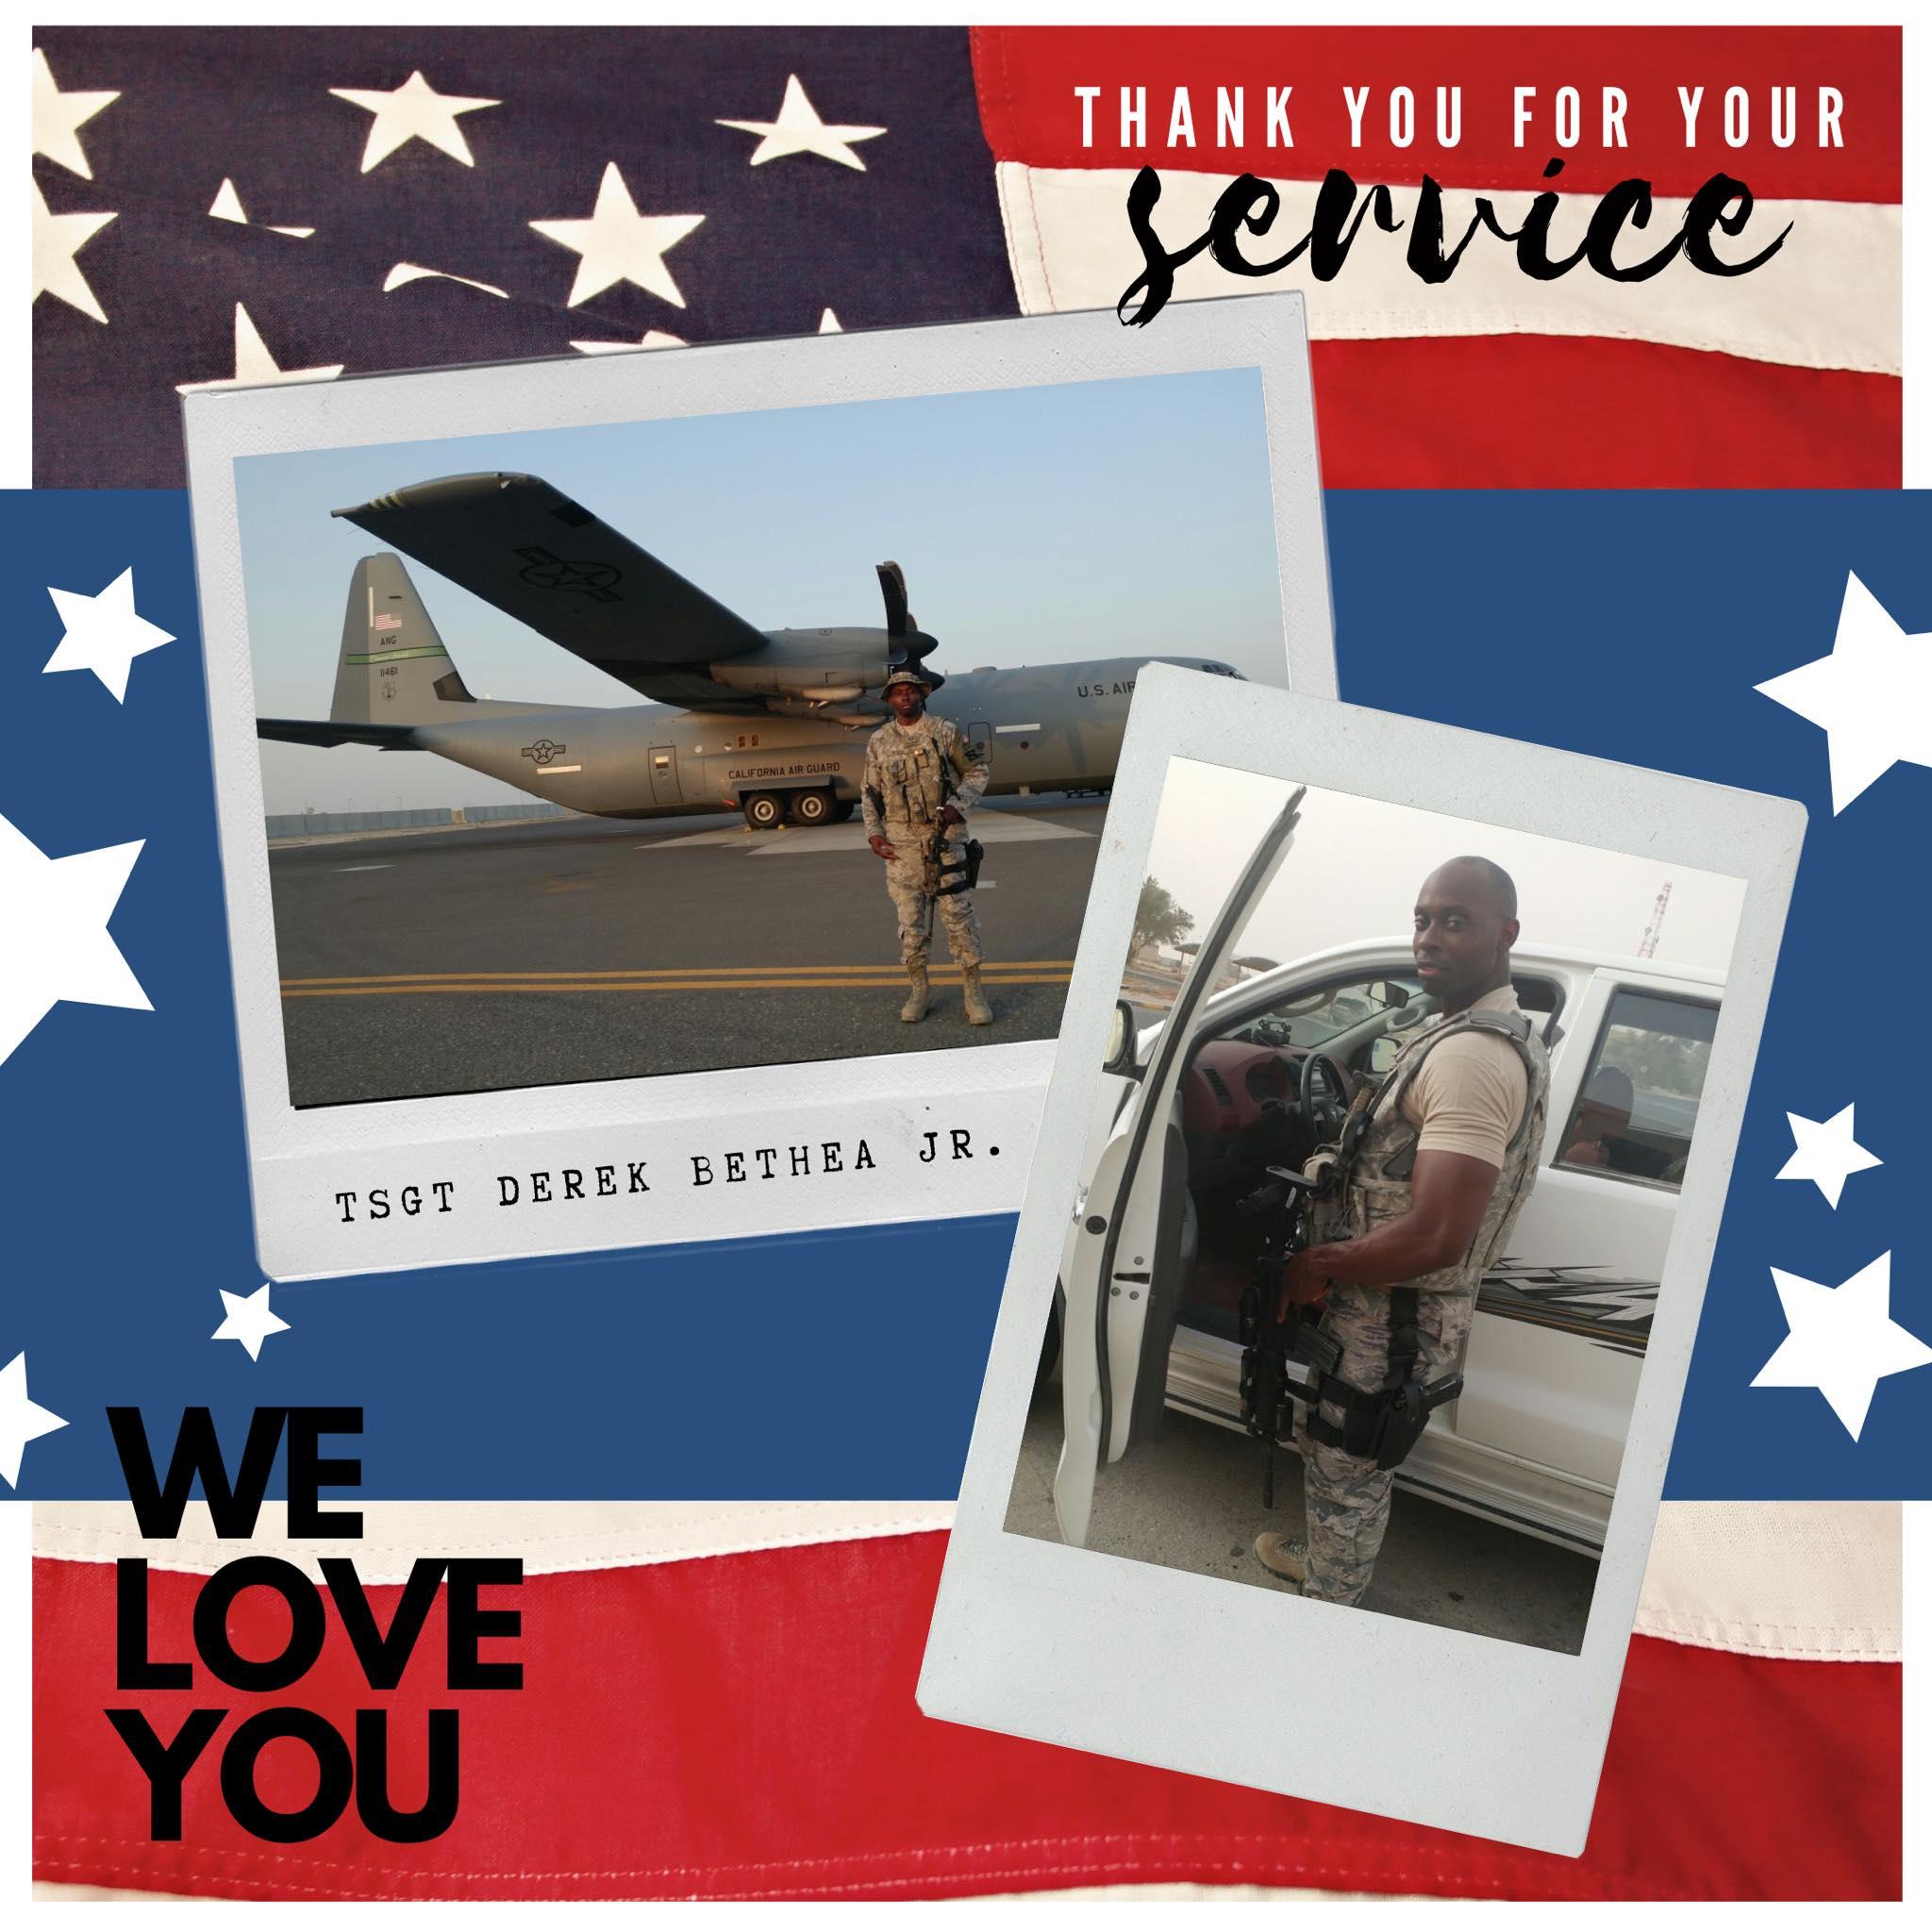 derek bethea, air force, veteran, military